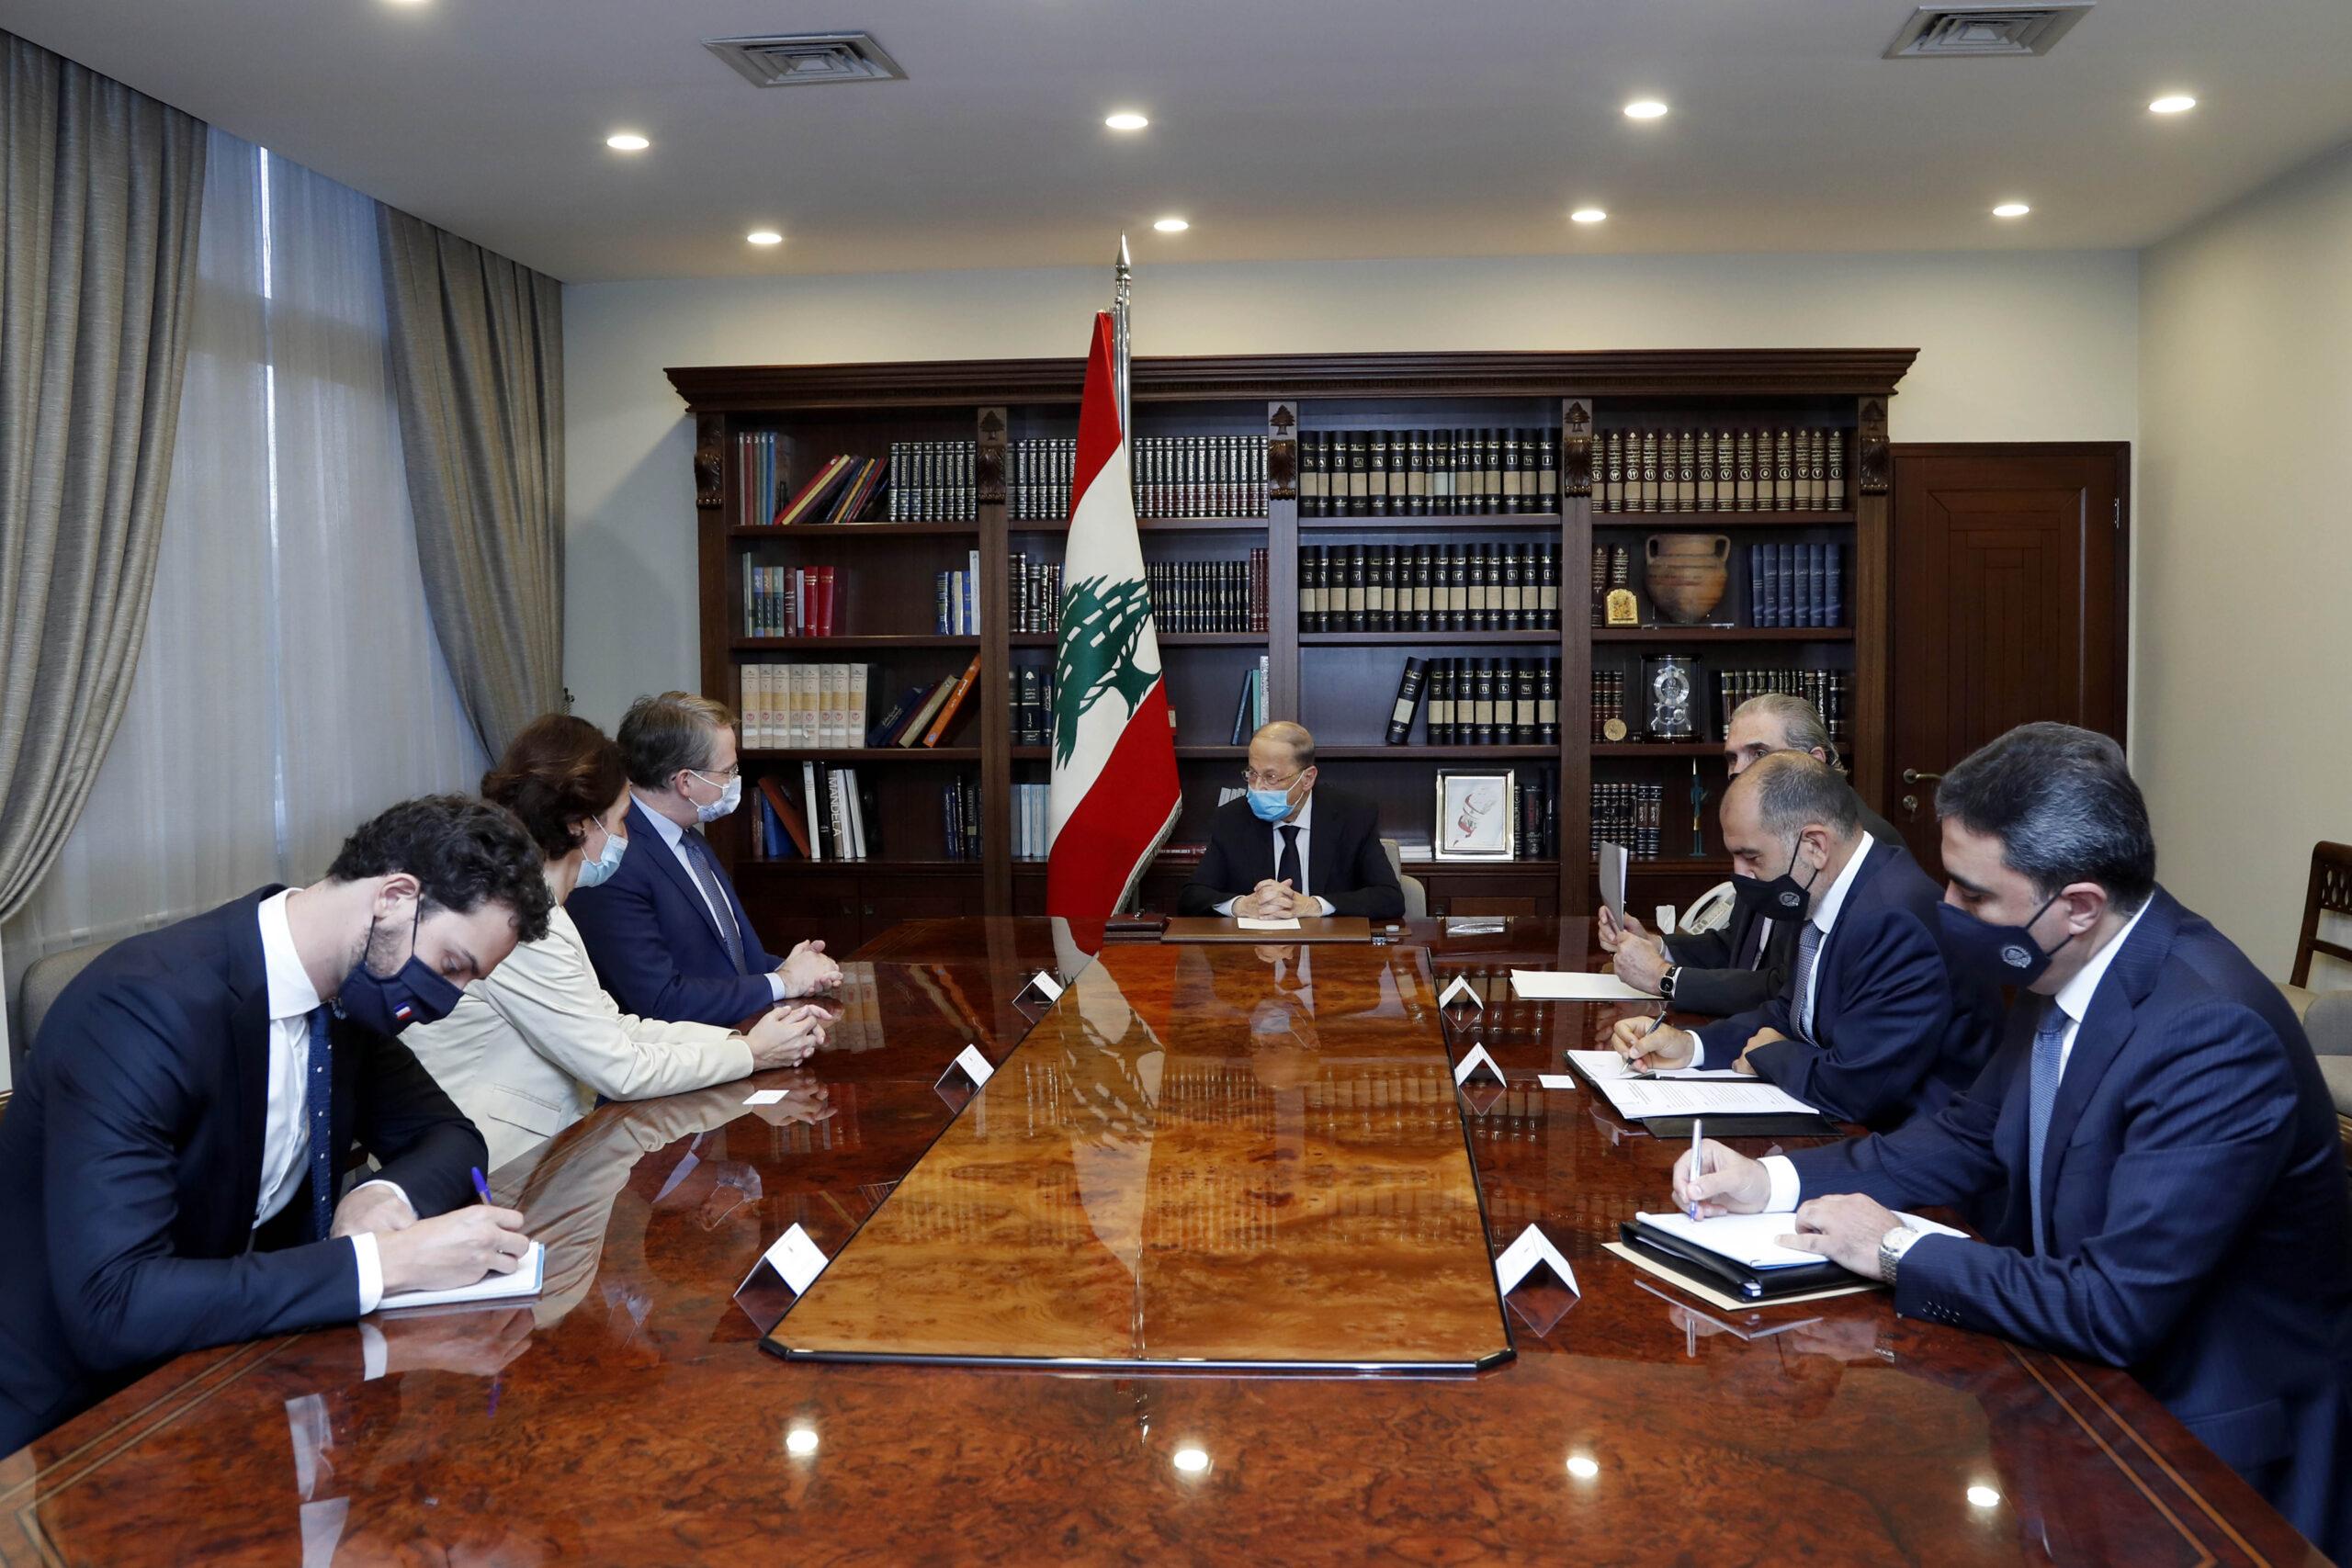 دوريل في لبنان لممارسة ضغوط لتشكيل حكومة سريعة تقود الاصلاحات الضرورية